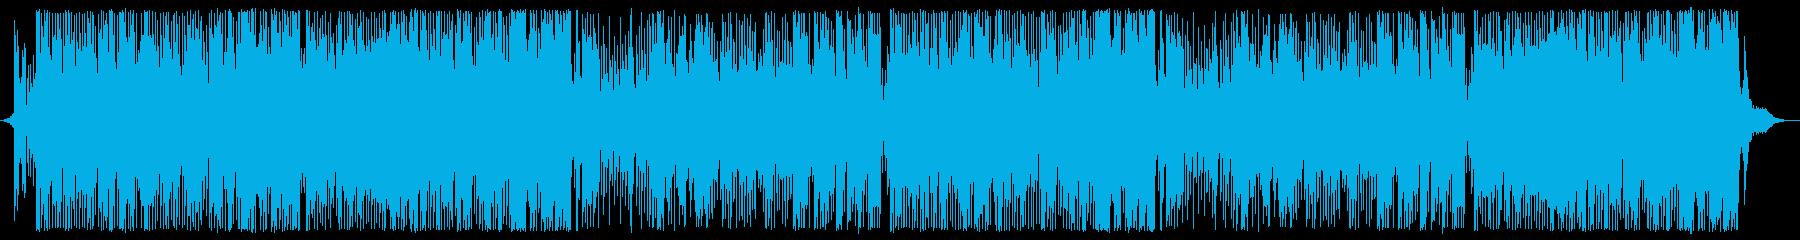 バイオリンソナタ 春 POP remixの再生済みの波形